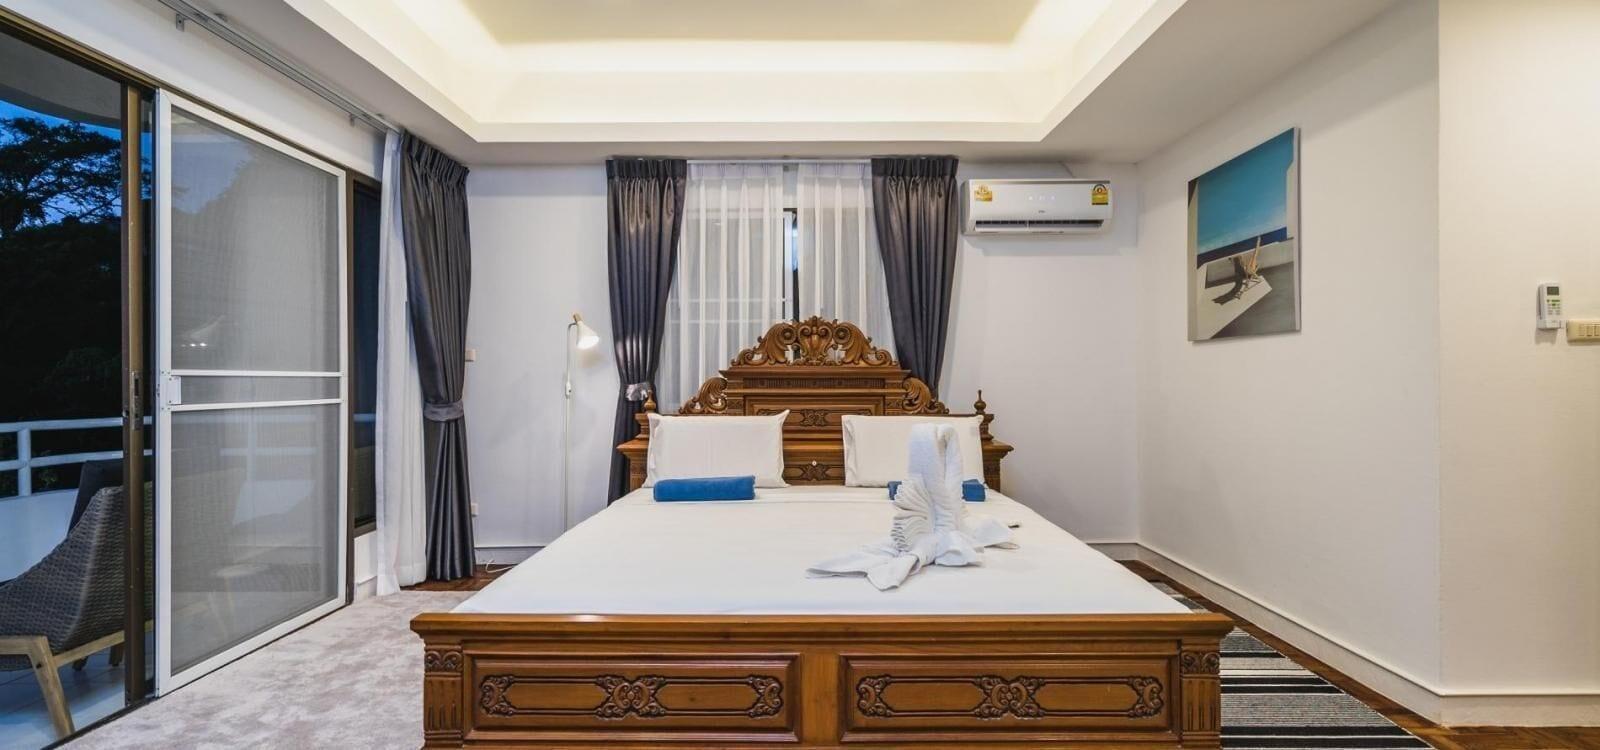 Patong Hill Villa by Lofty, Pulau Phuket